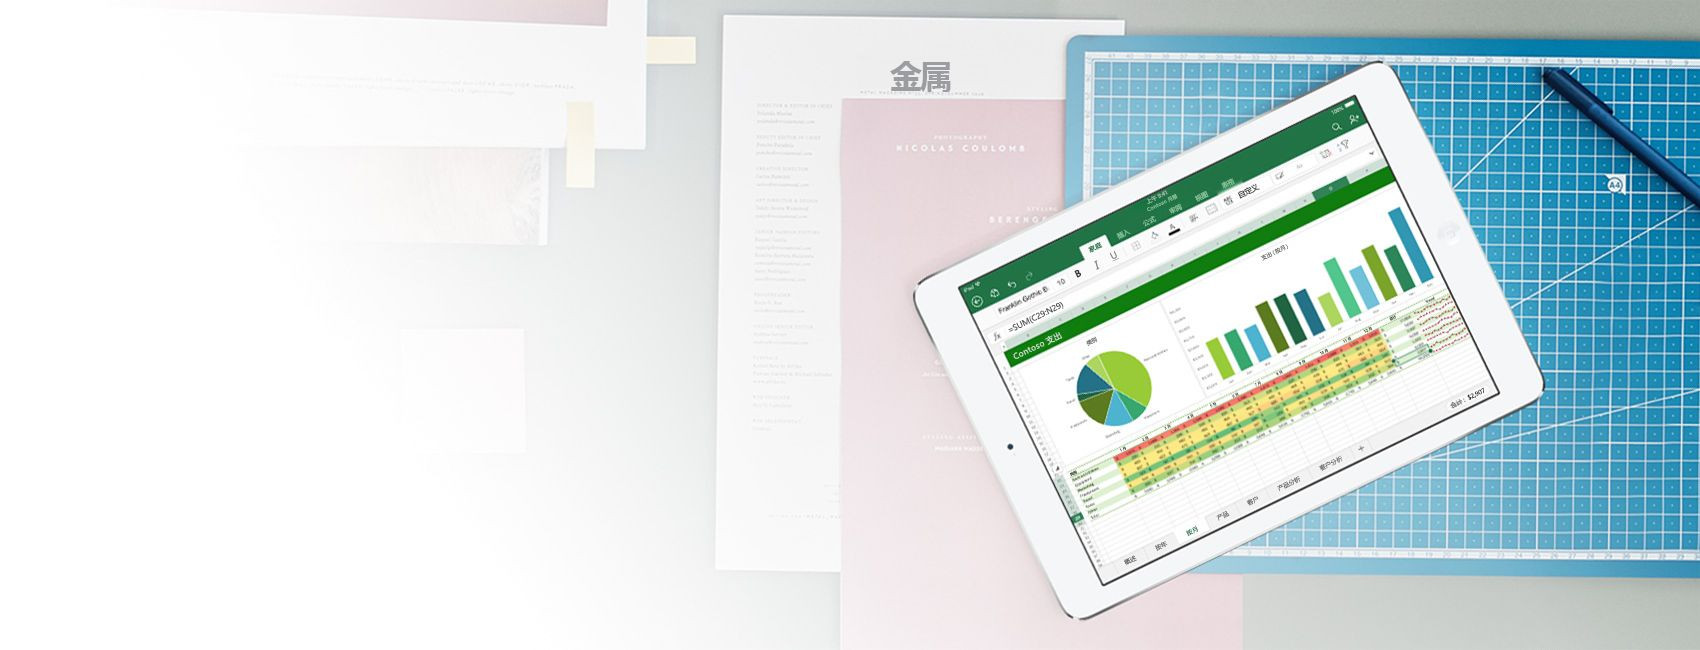 在适用于 iOS 的 Excel 应用中显示 Excel 电子表格和图表的 iPad